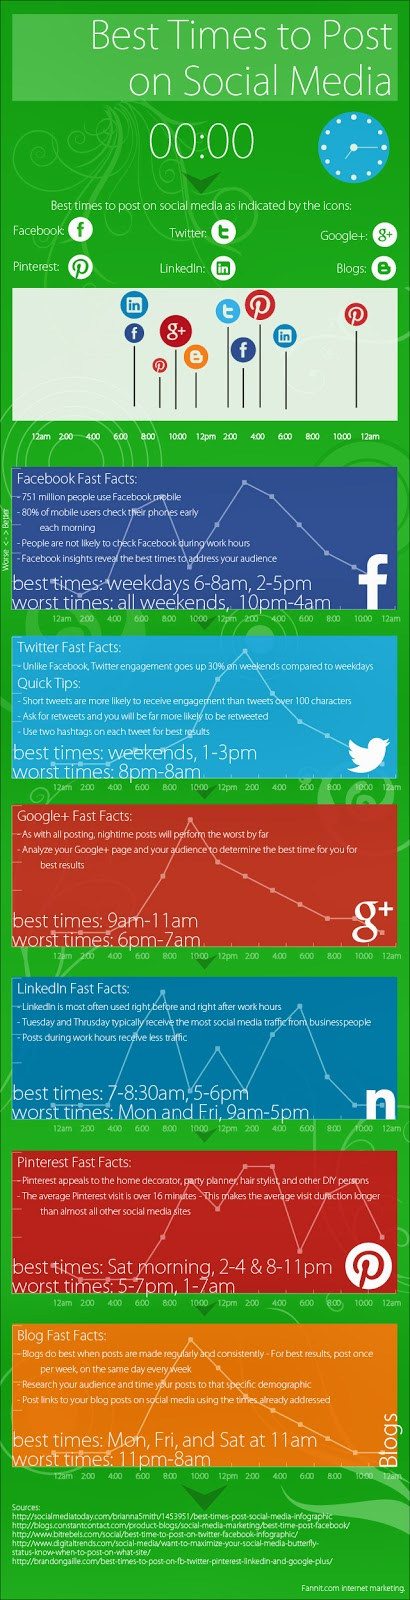 infografia-mejor-horario-publicar-contenido-redes-sociales-somos-marc